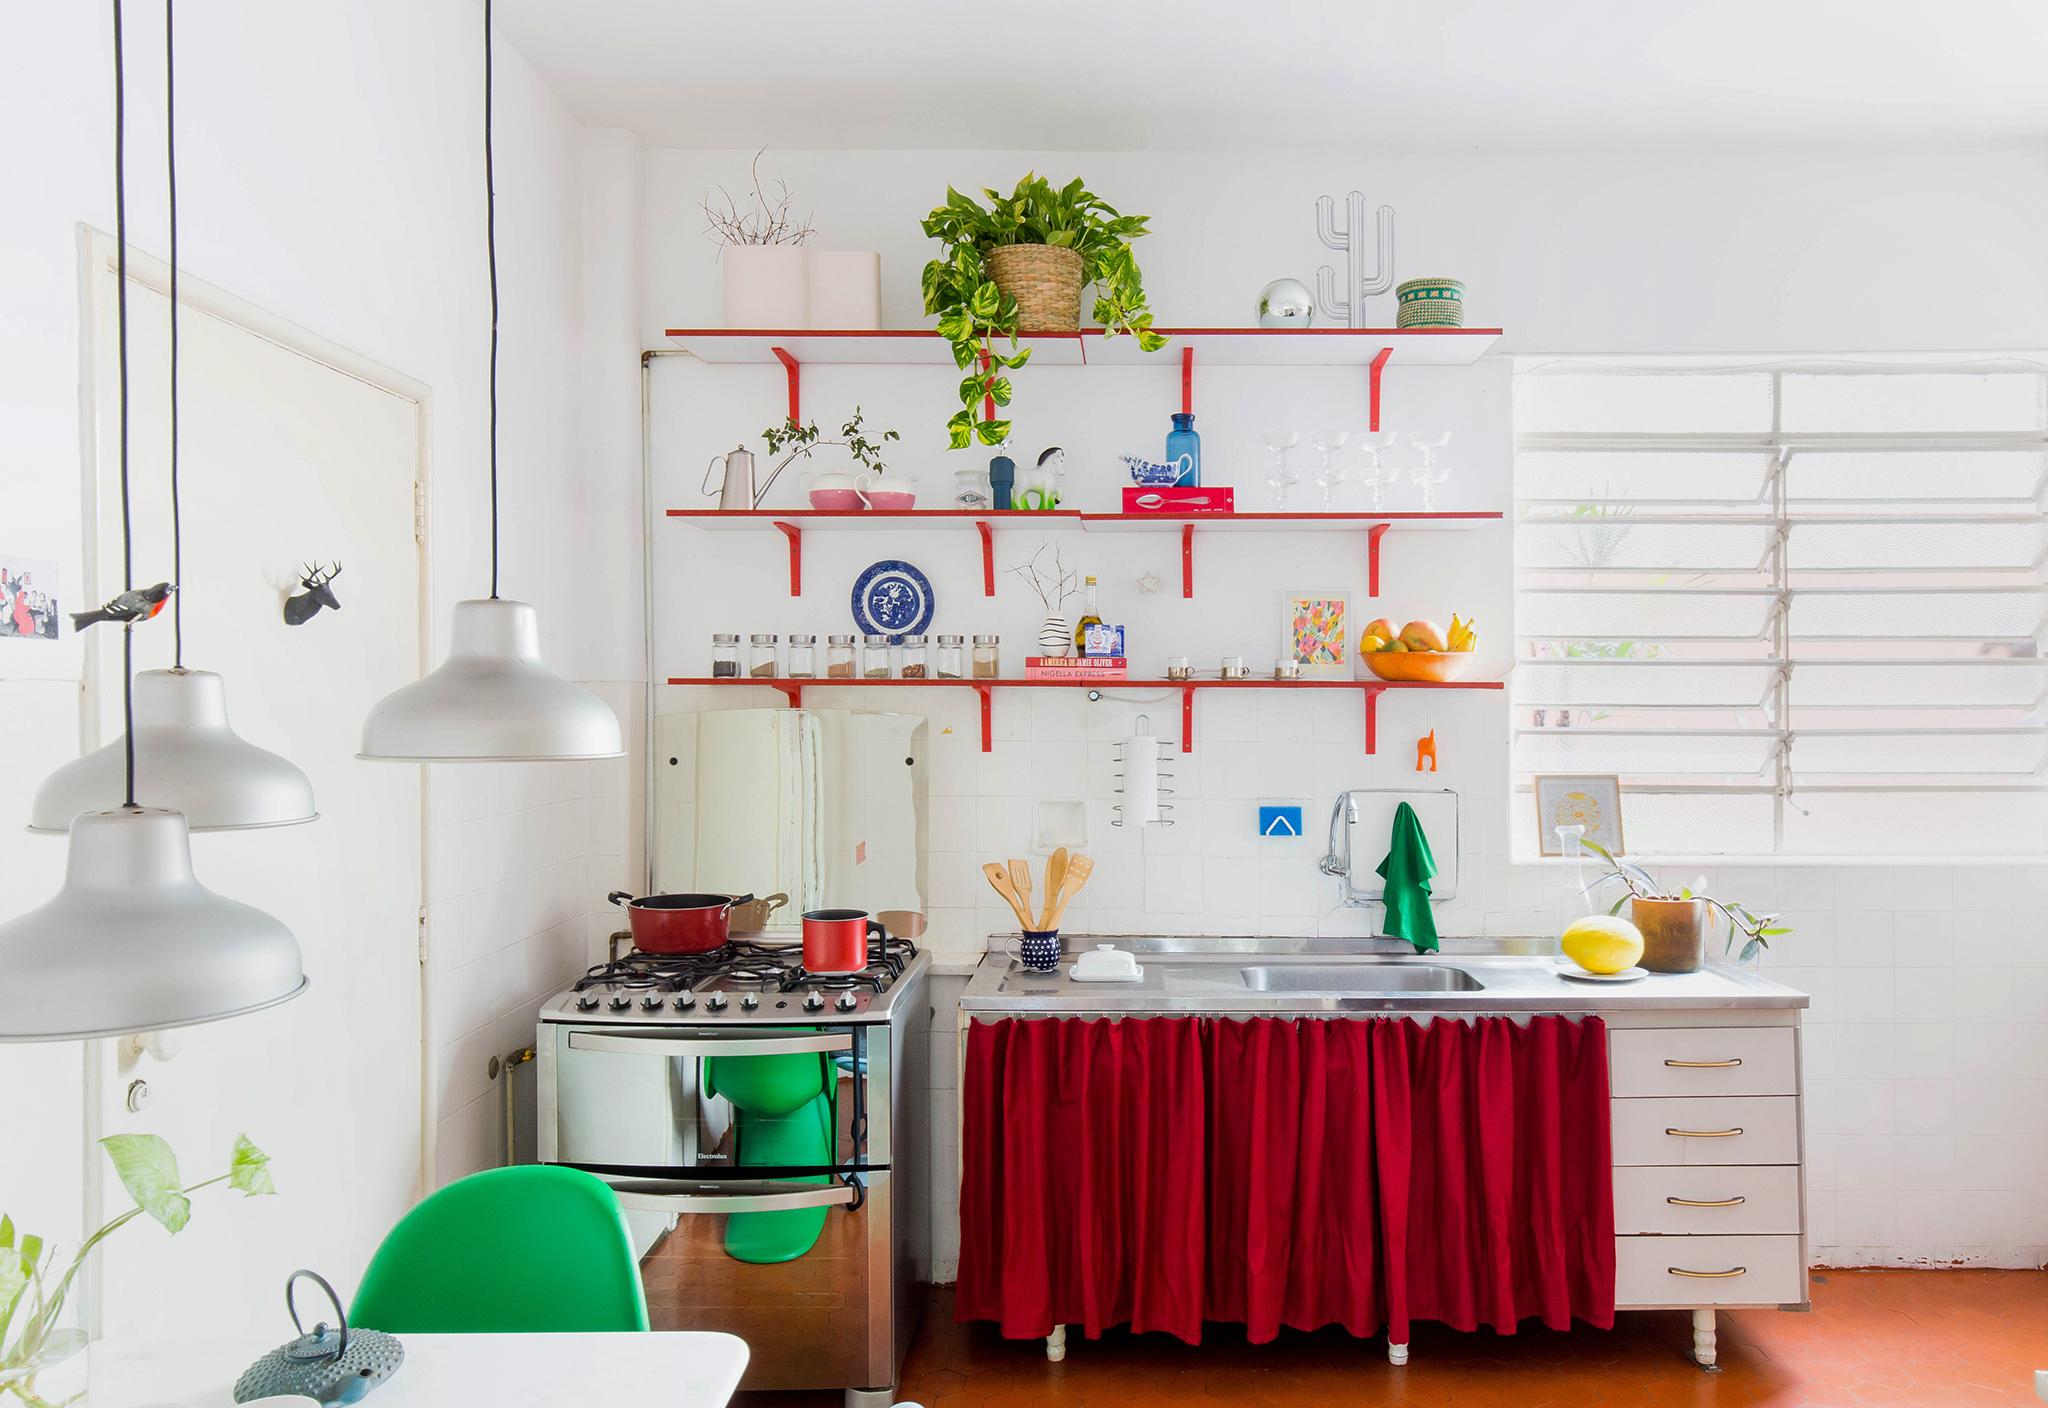 Cozinha antiga com boas ideias sem reforma